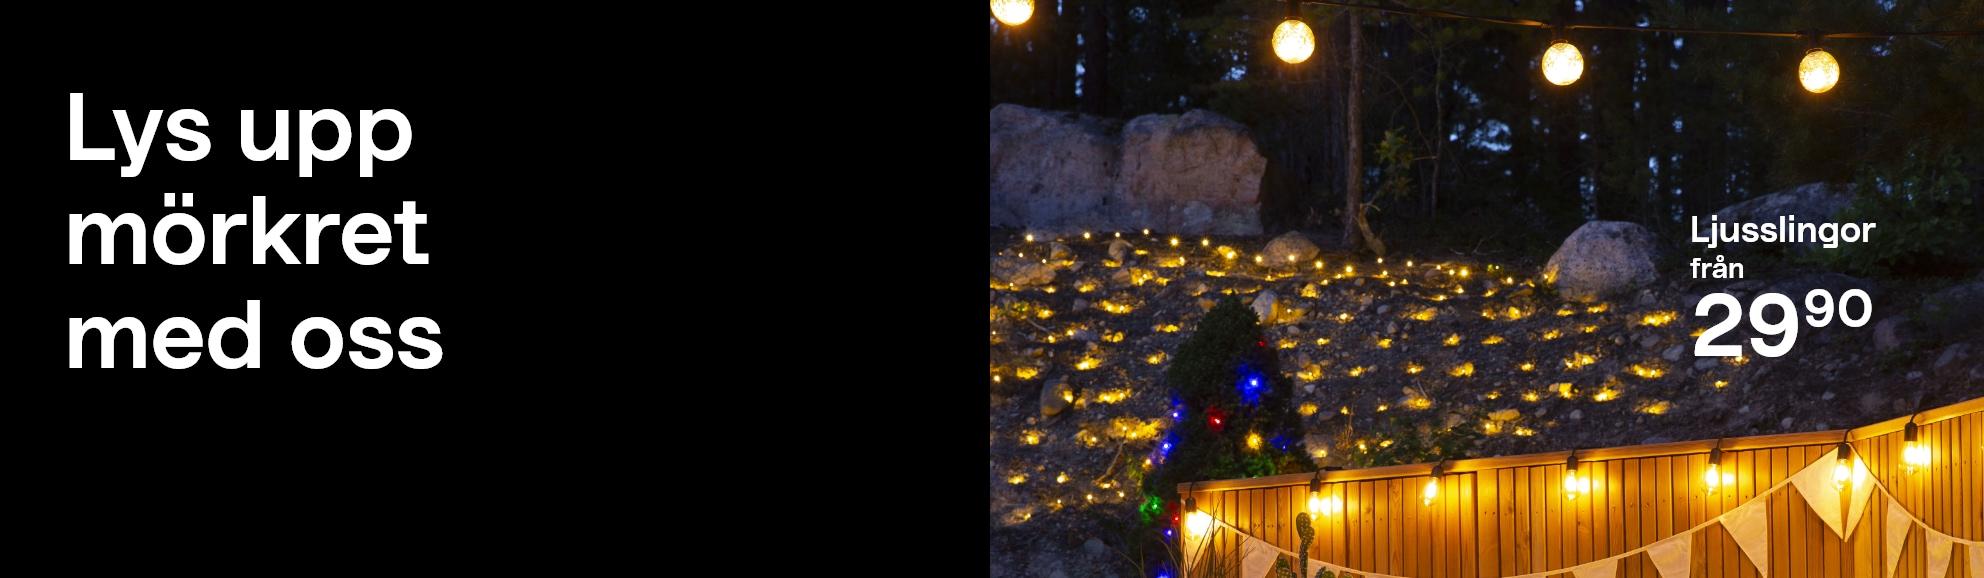 Ljusslingor från 29.90